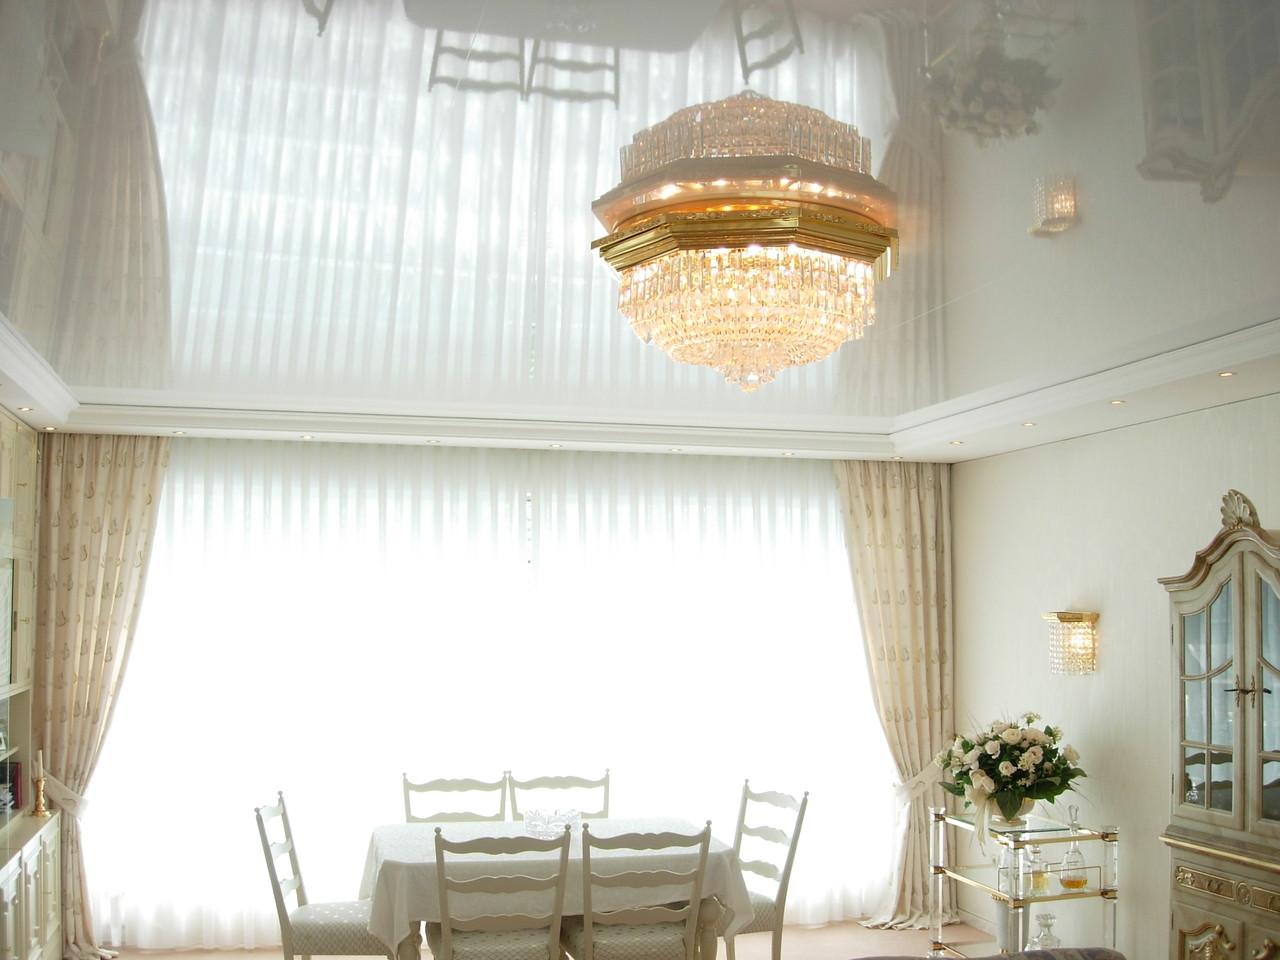 40 qm Spanndecke,Polster,Teppich und Dekorationen by Niemerg